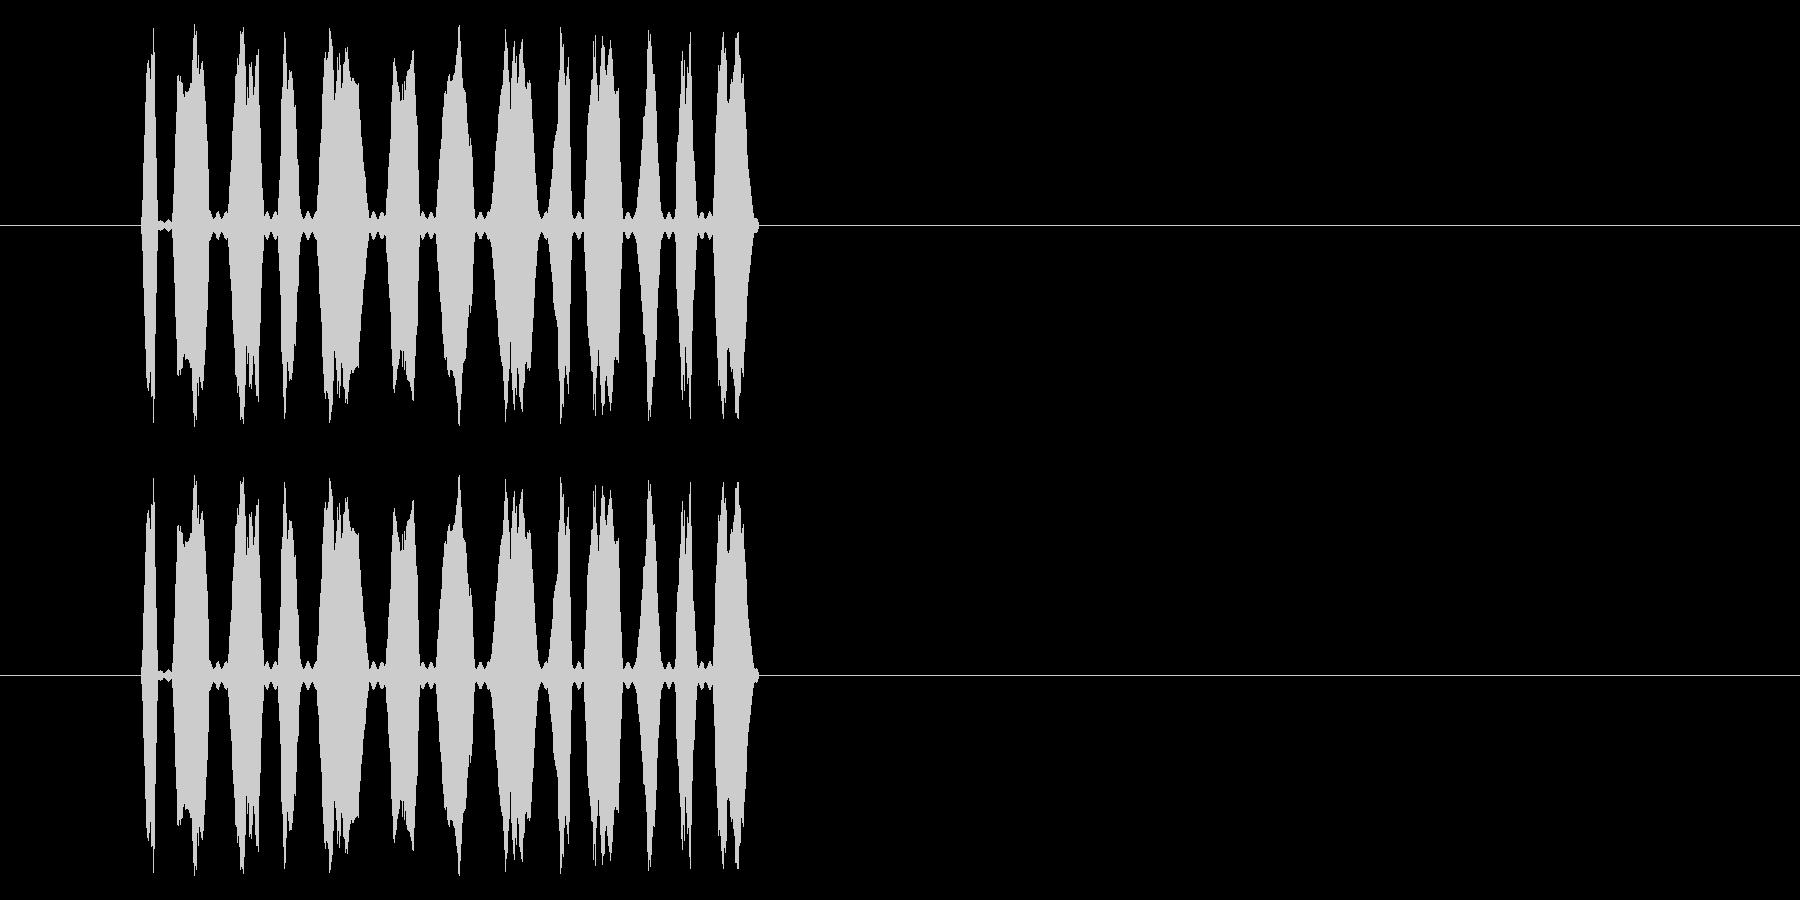 【NES RPG01-09(メッセージ)の未再生の波形